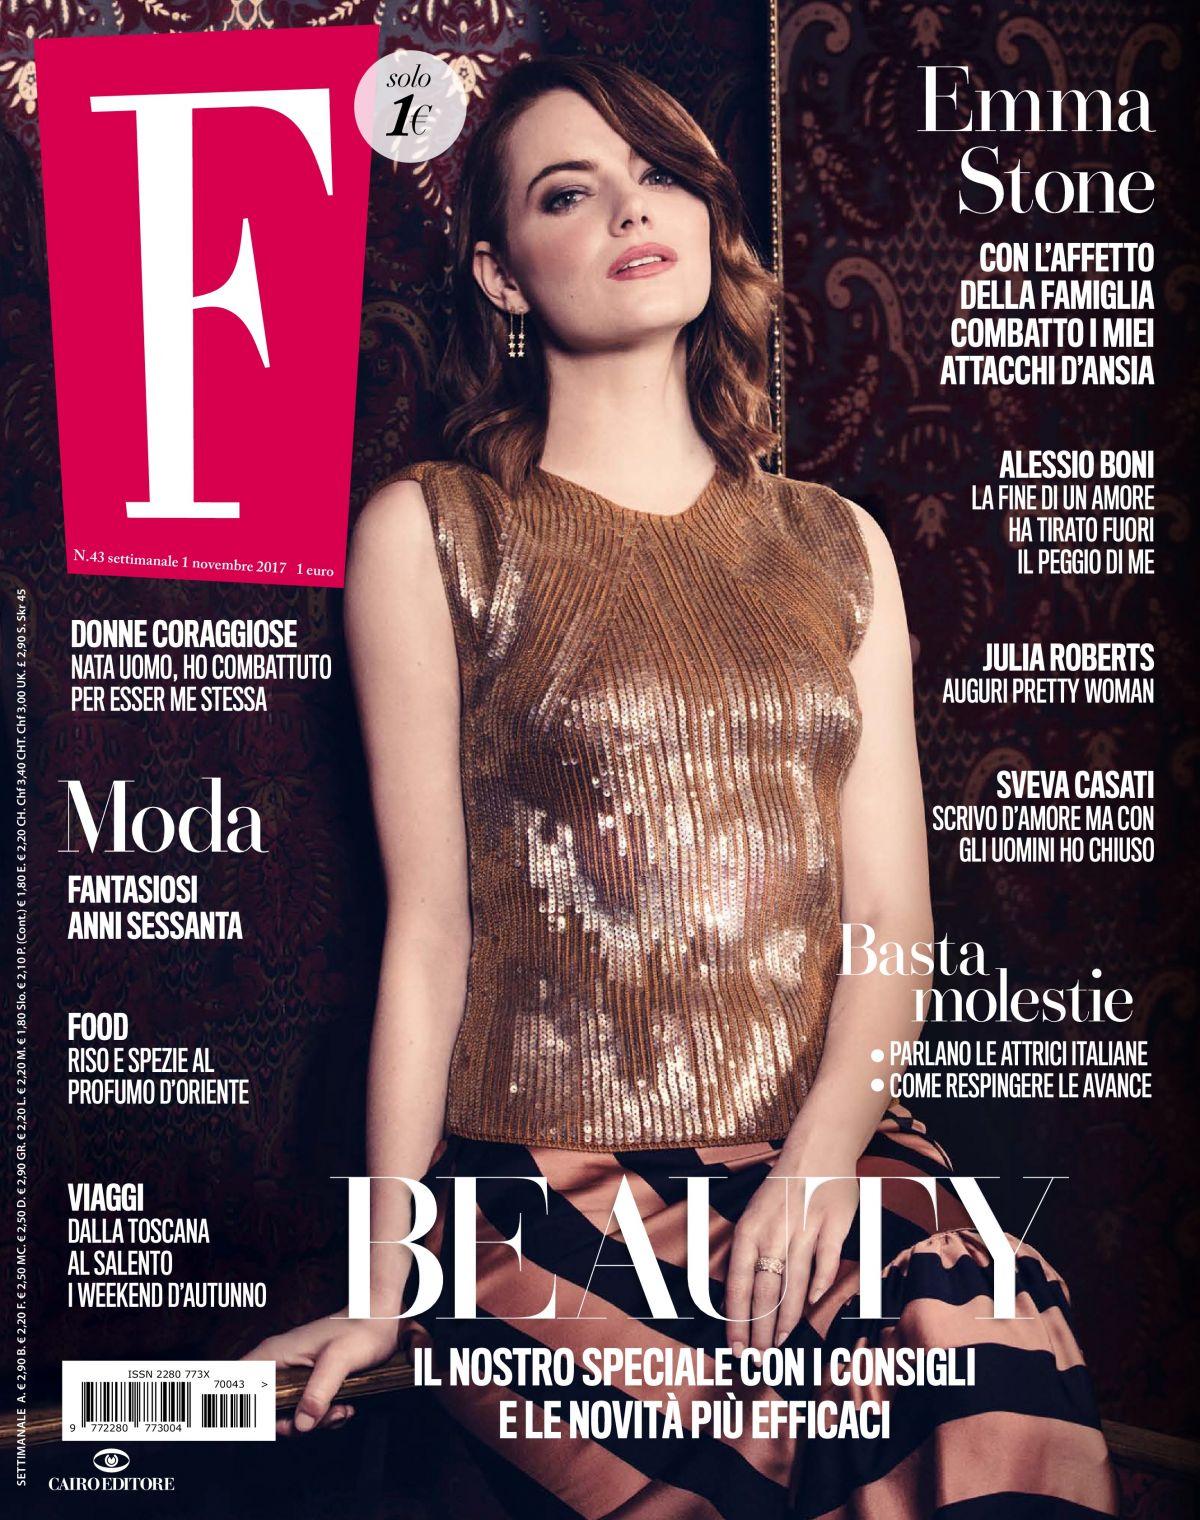 Emma Stone in F Magazine.jpg